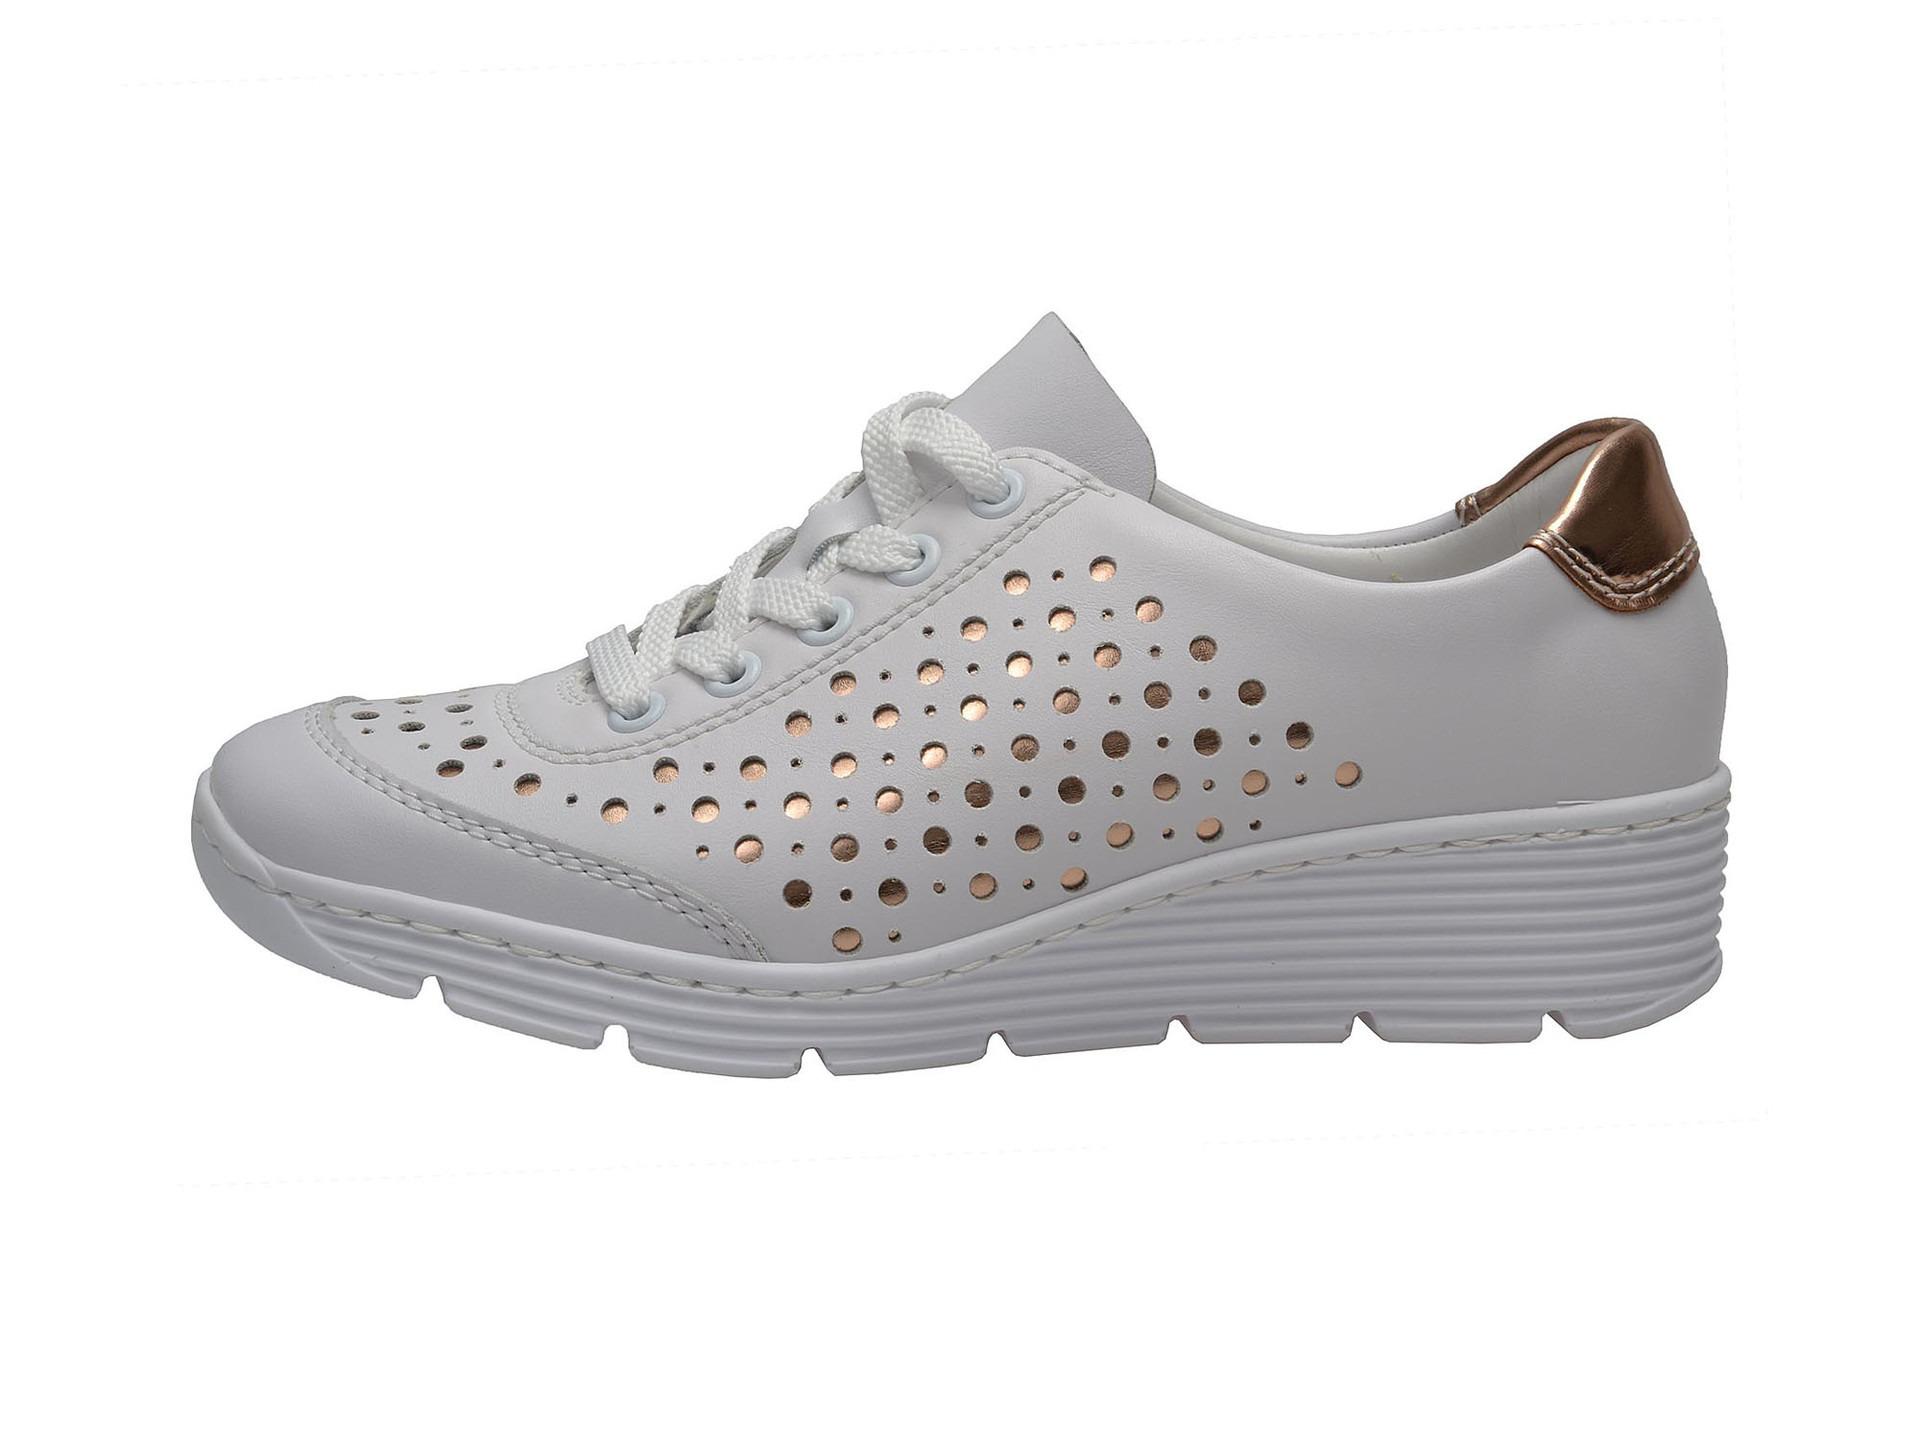 Soňa - Dámska obuv - Poltopánky - Dámska šnurovacia obuv značky Rieker 8875bf500c